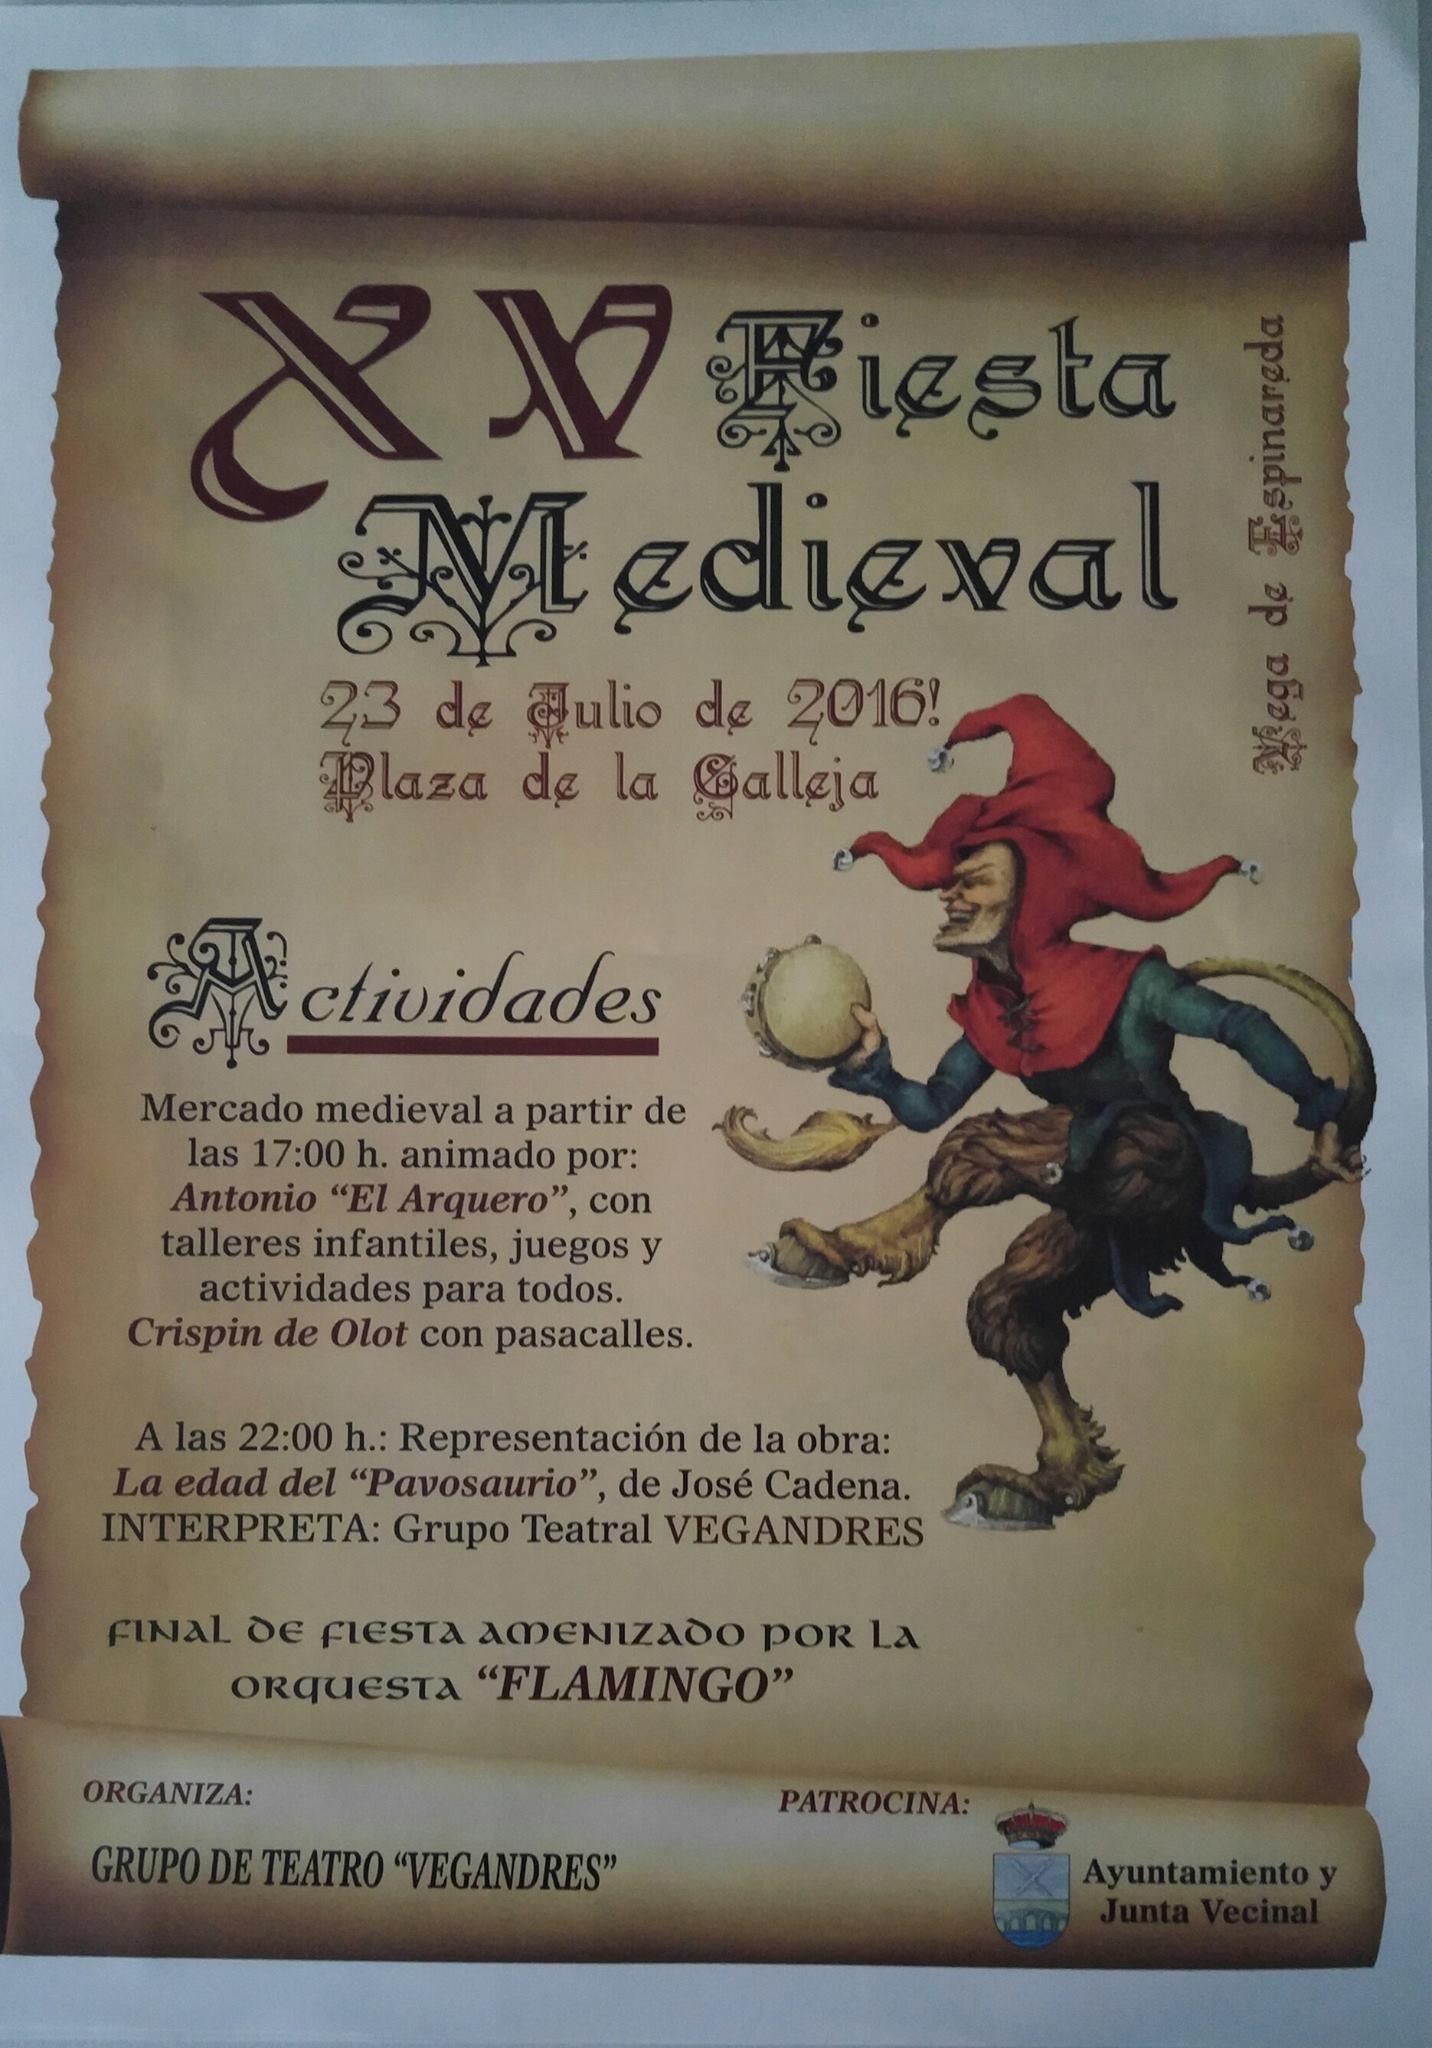 Feria Medieval de Vega de Espinareda - Noticias Bierzo